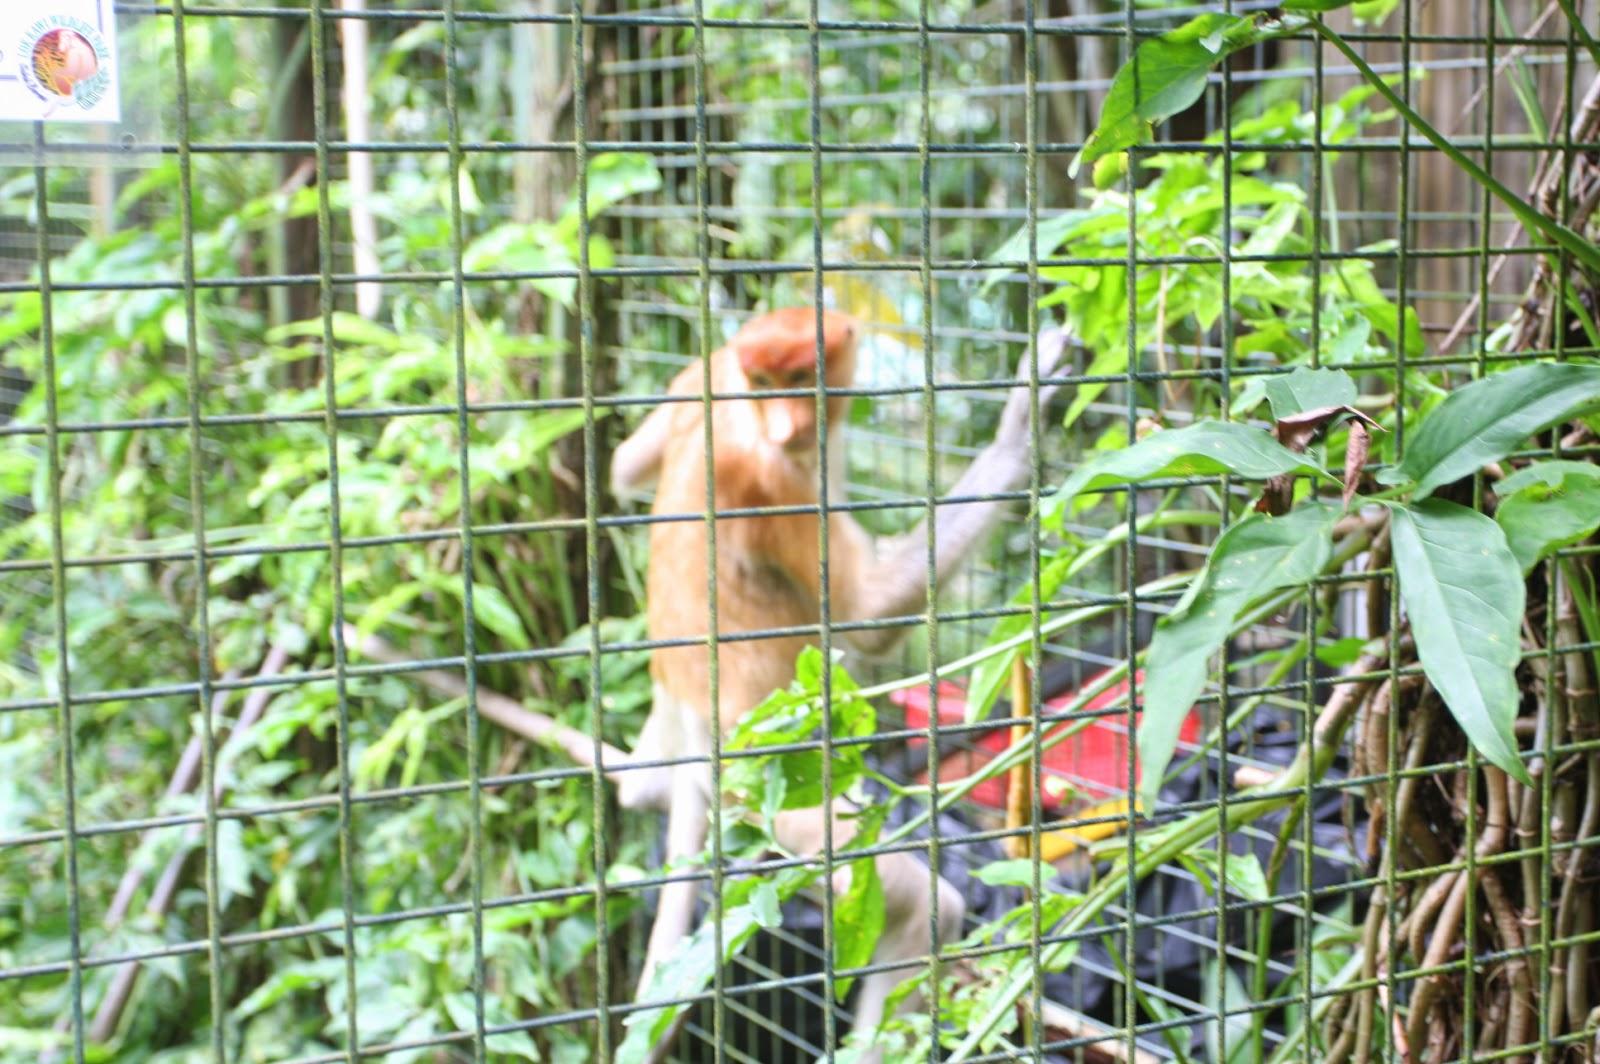 foto hewan - gambar monyet kelakar